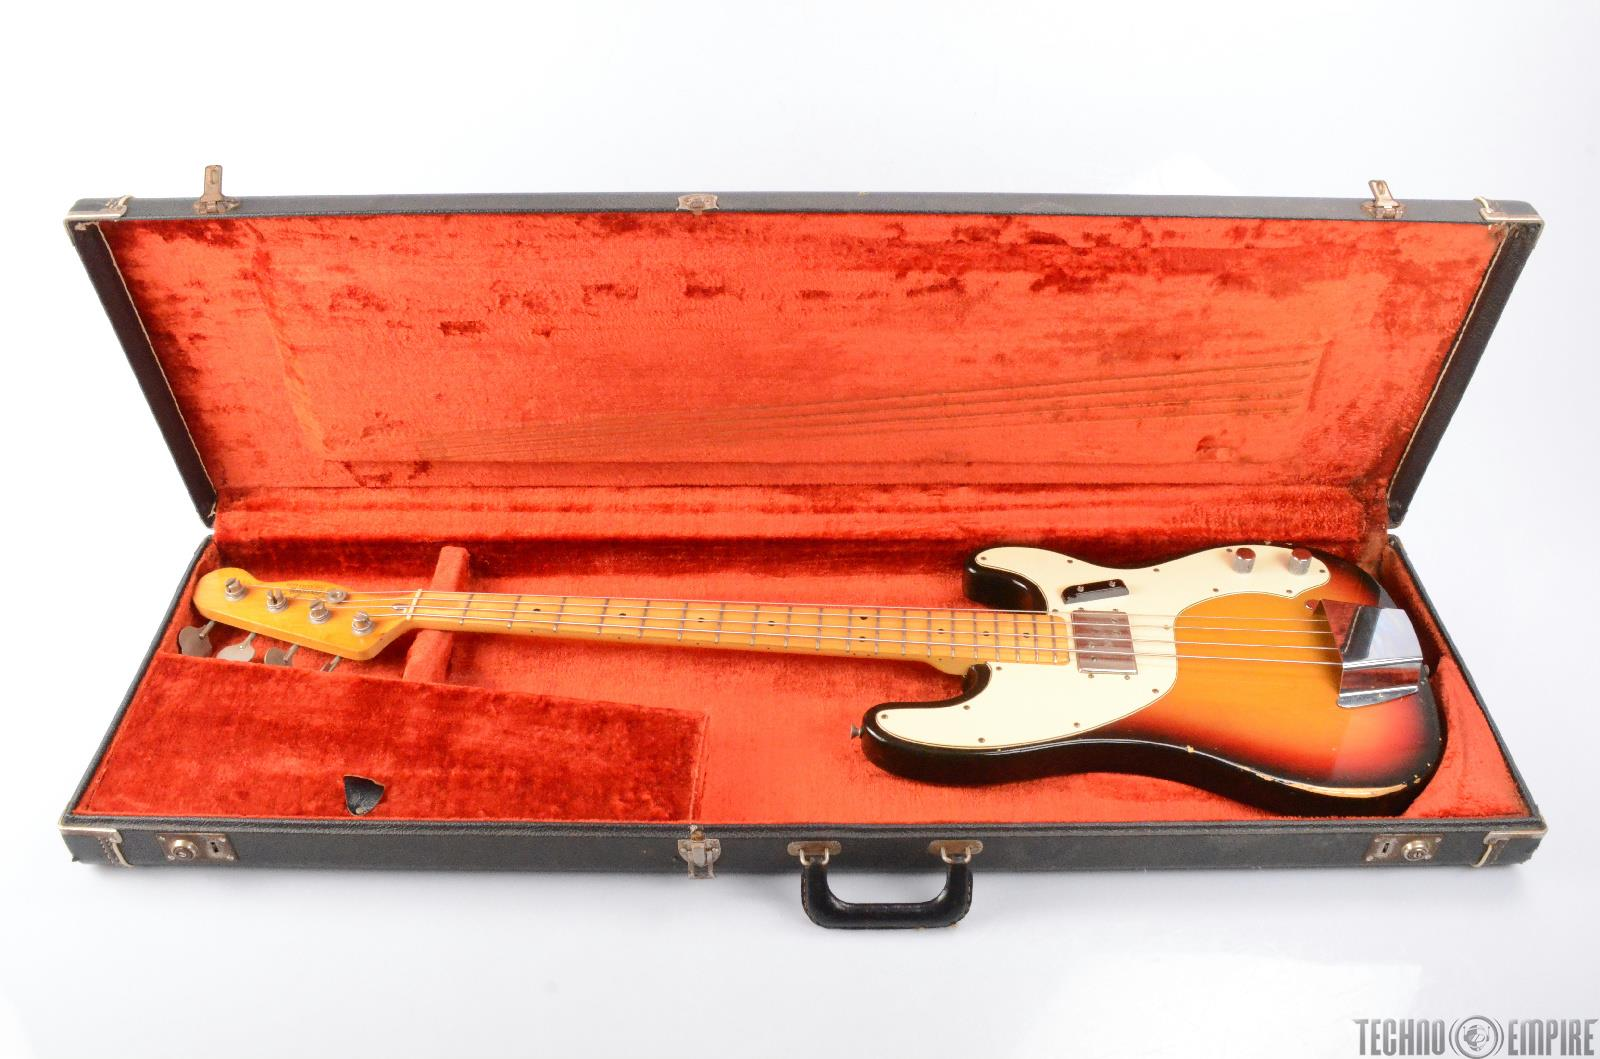 1973 fender telecaster electric bass guitar w hard case 26369 ebay. Black Bedroom Furniture Sets. Home Design Ideas